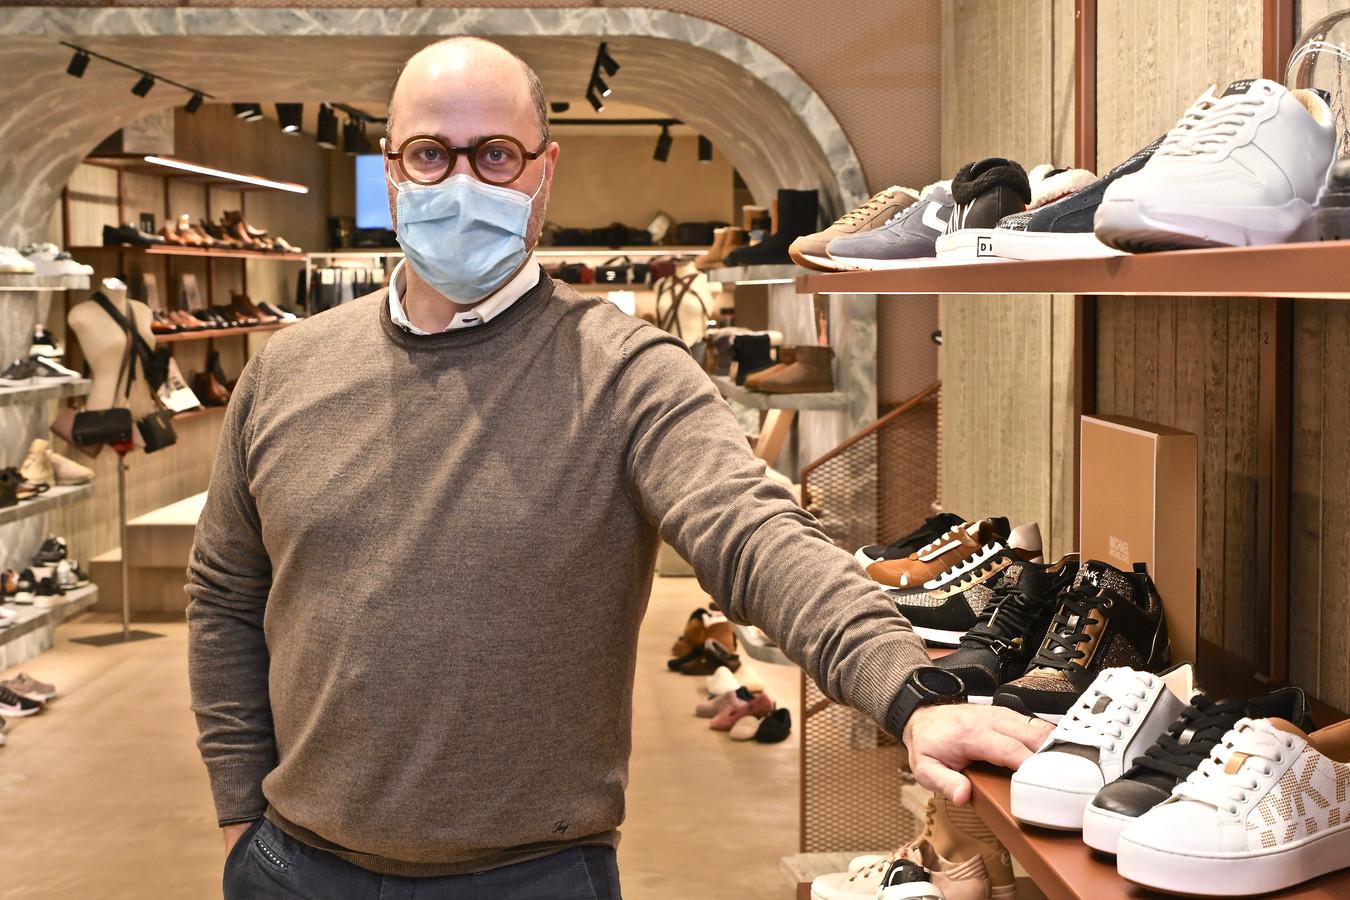 Philippe Logghe van schoenwinkels Rigi en Rigo One is bovenal blij dat hij opnieuw klanten mag ontvangen.